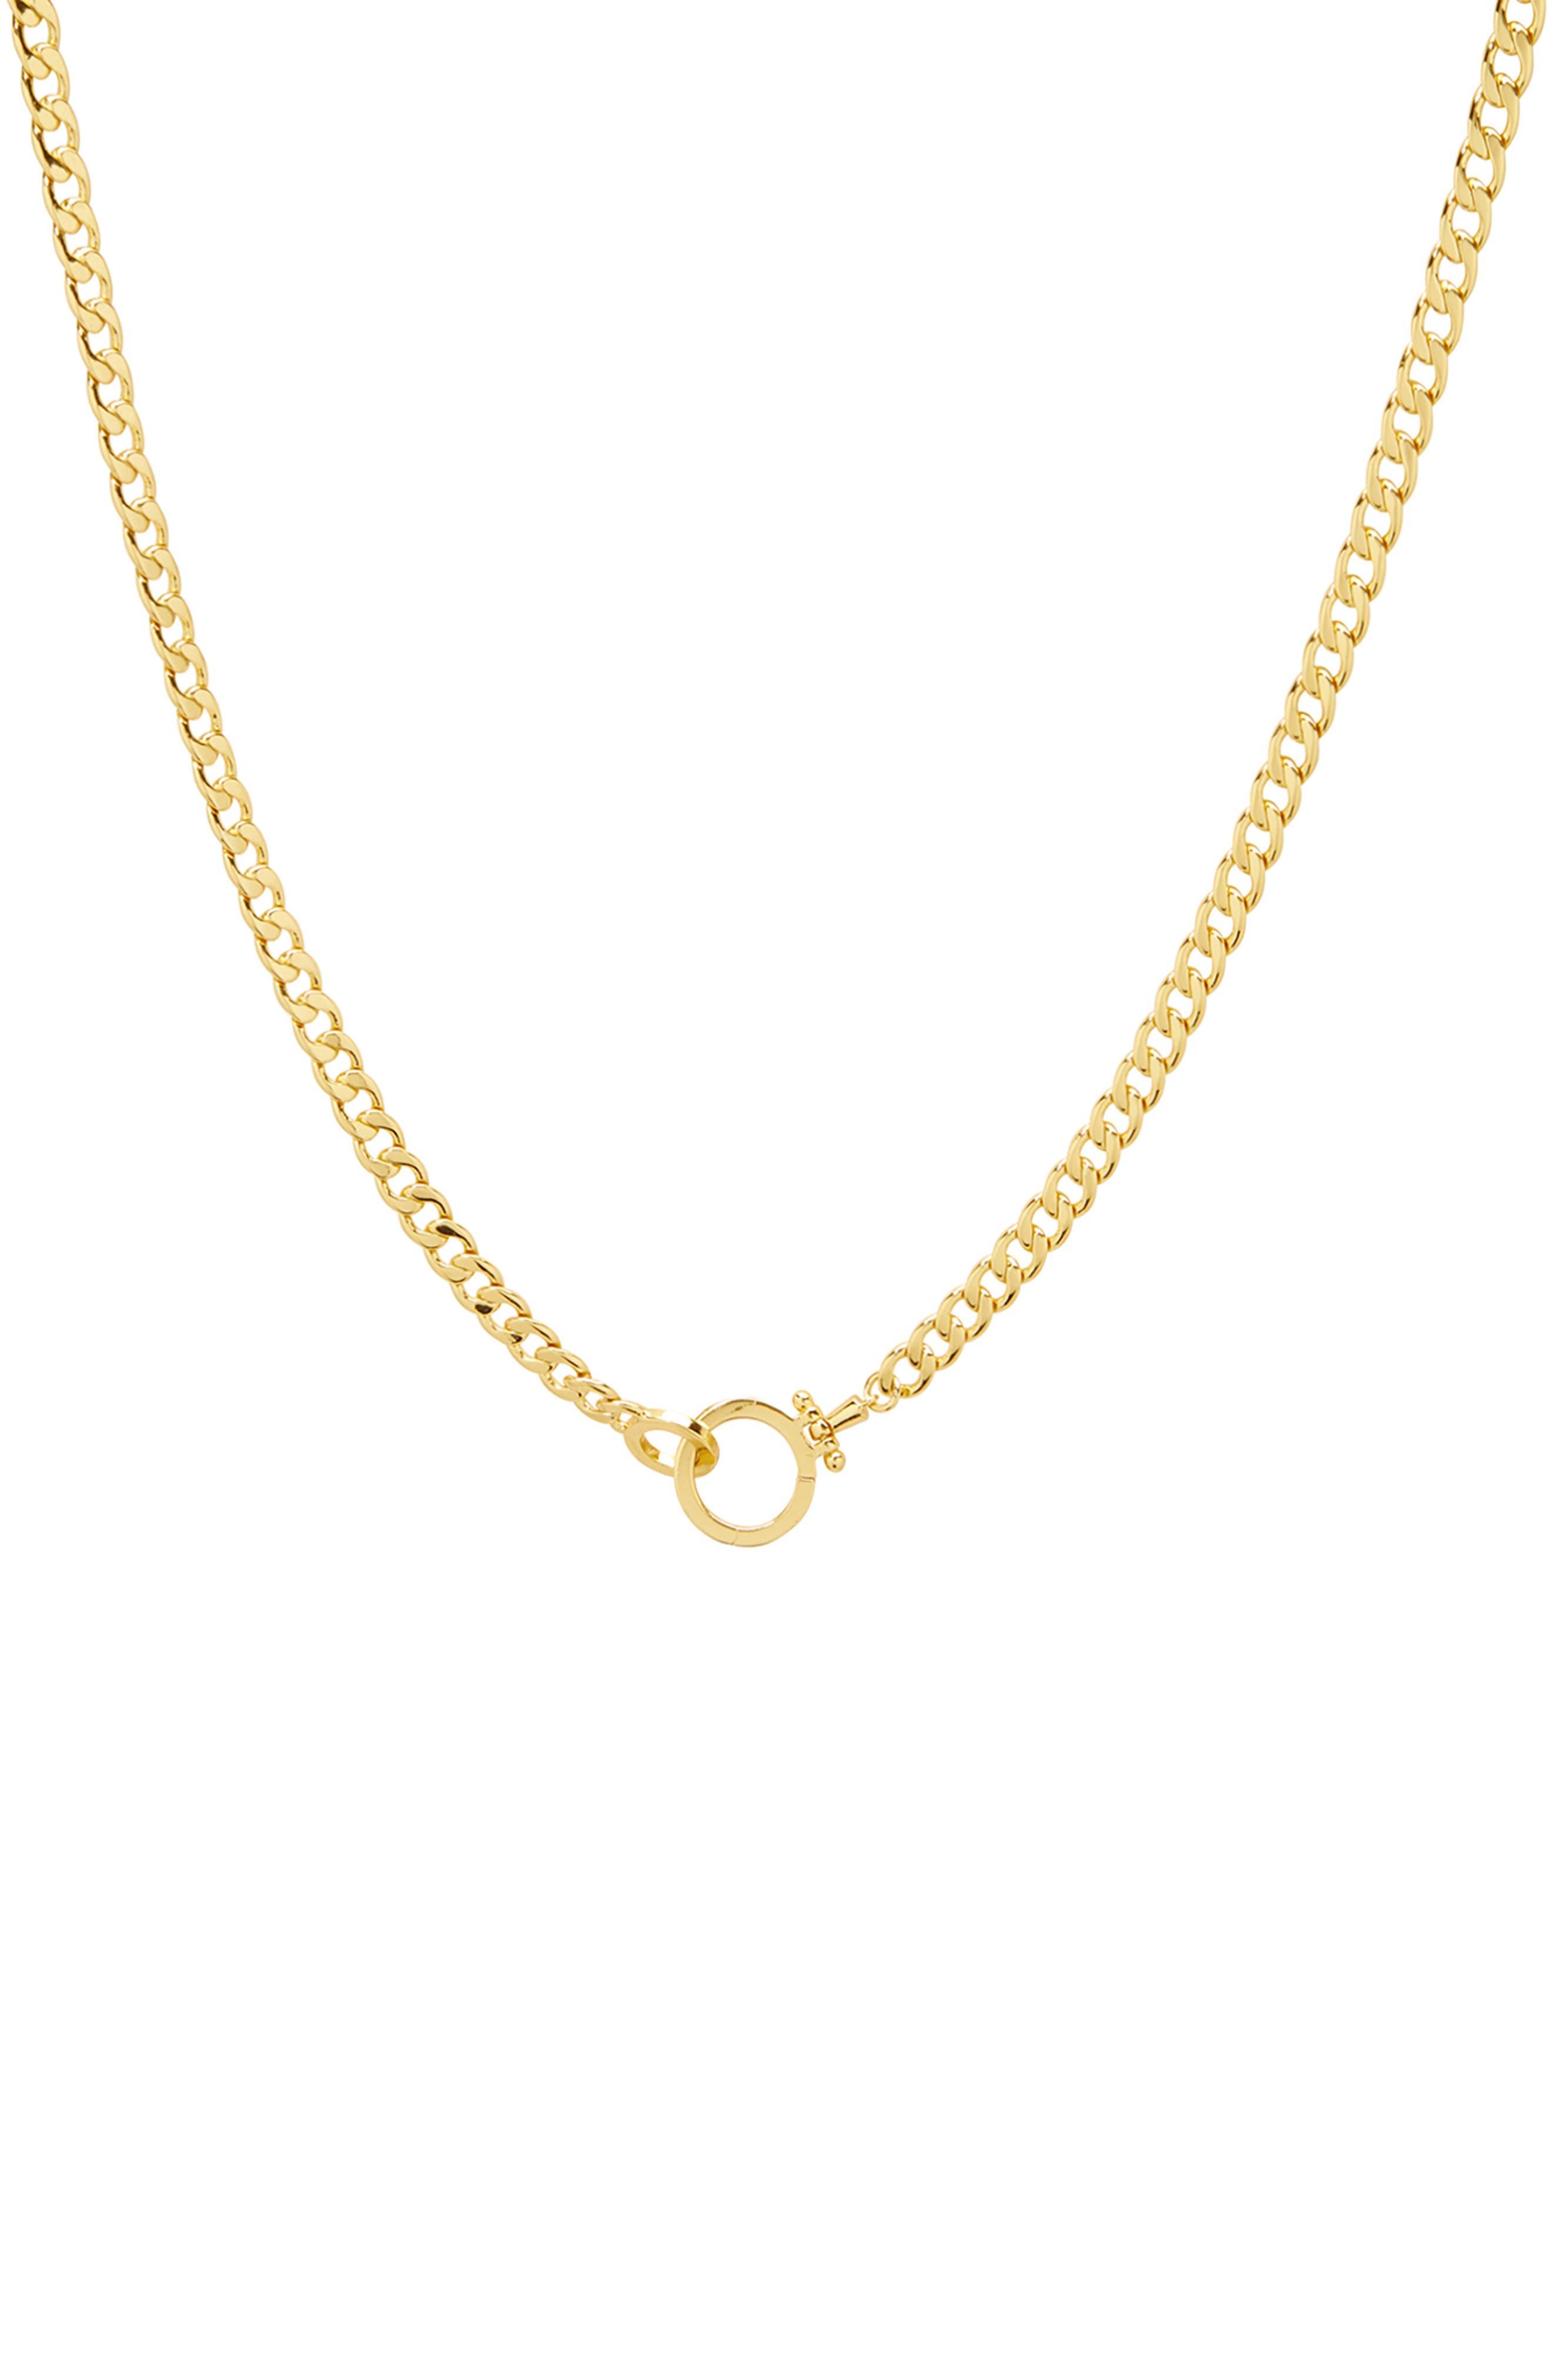 Wilder Chain Link Necklace